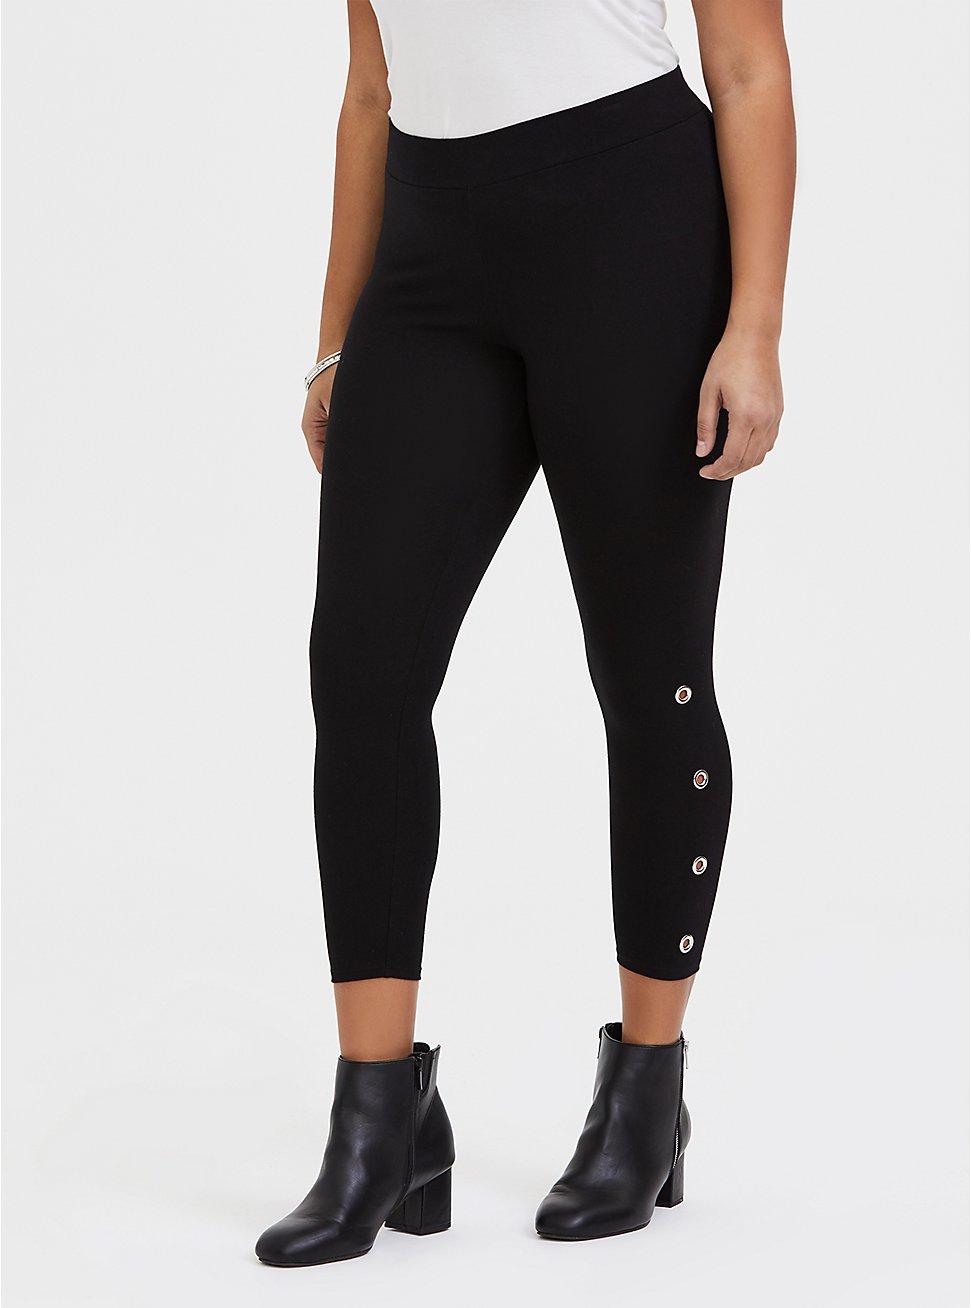 Crop Premium Legging - Grommets Black, BLACK, hi-res